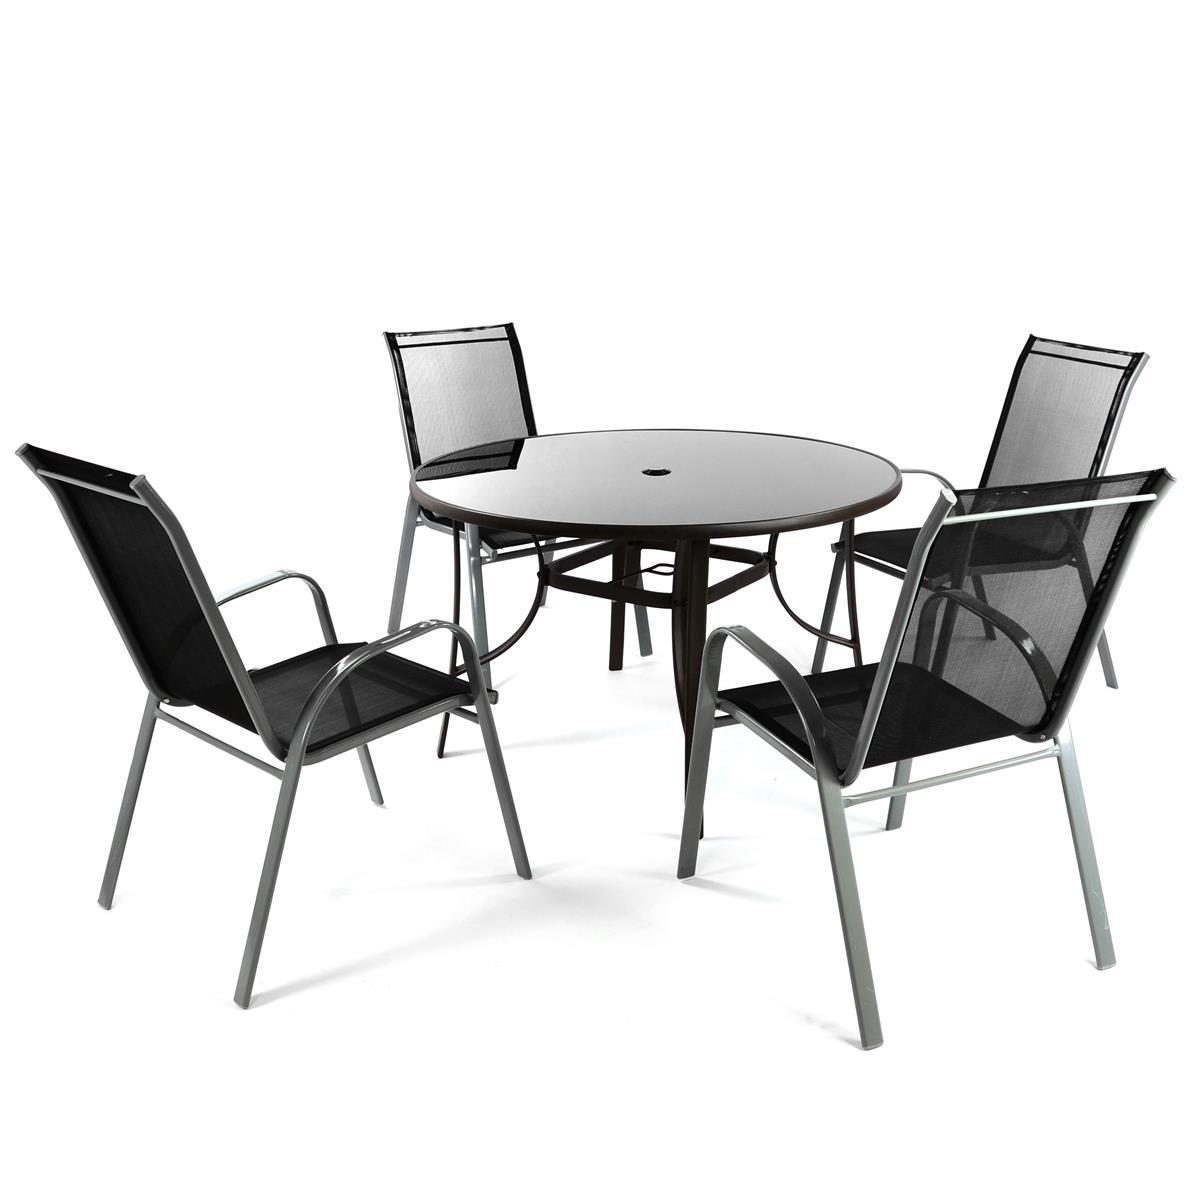 5er Sitzgruppe mit Glastisch 4x Stapelstuhl Gartengarnitur Gartenmöbel Terrasse